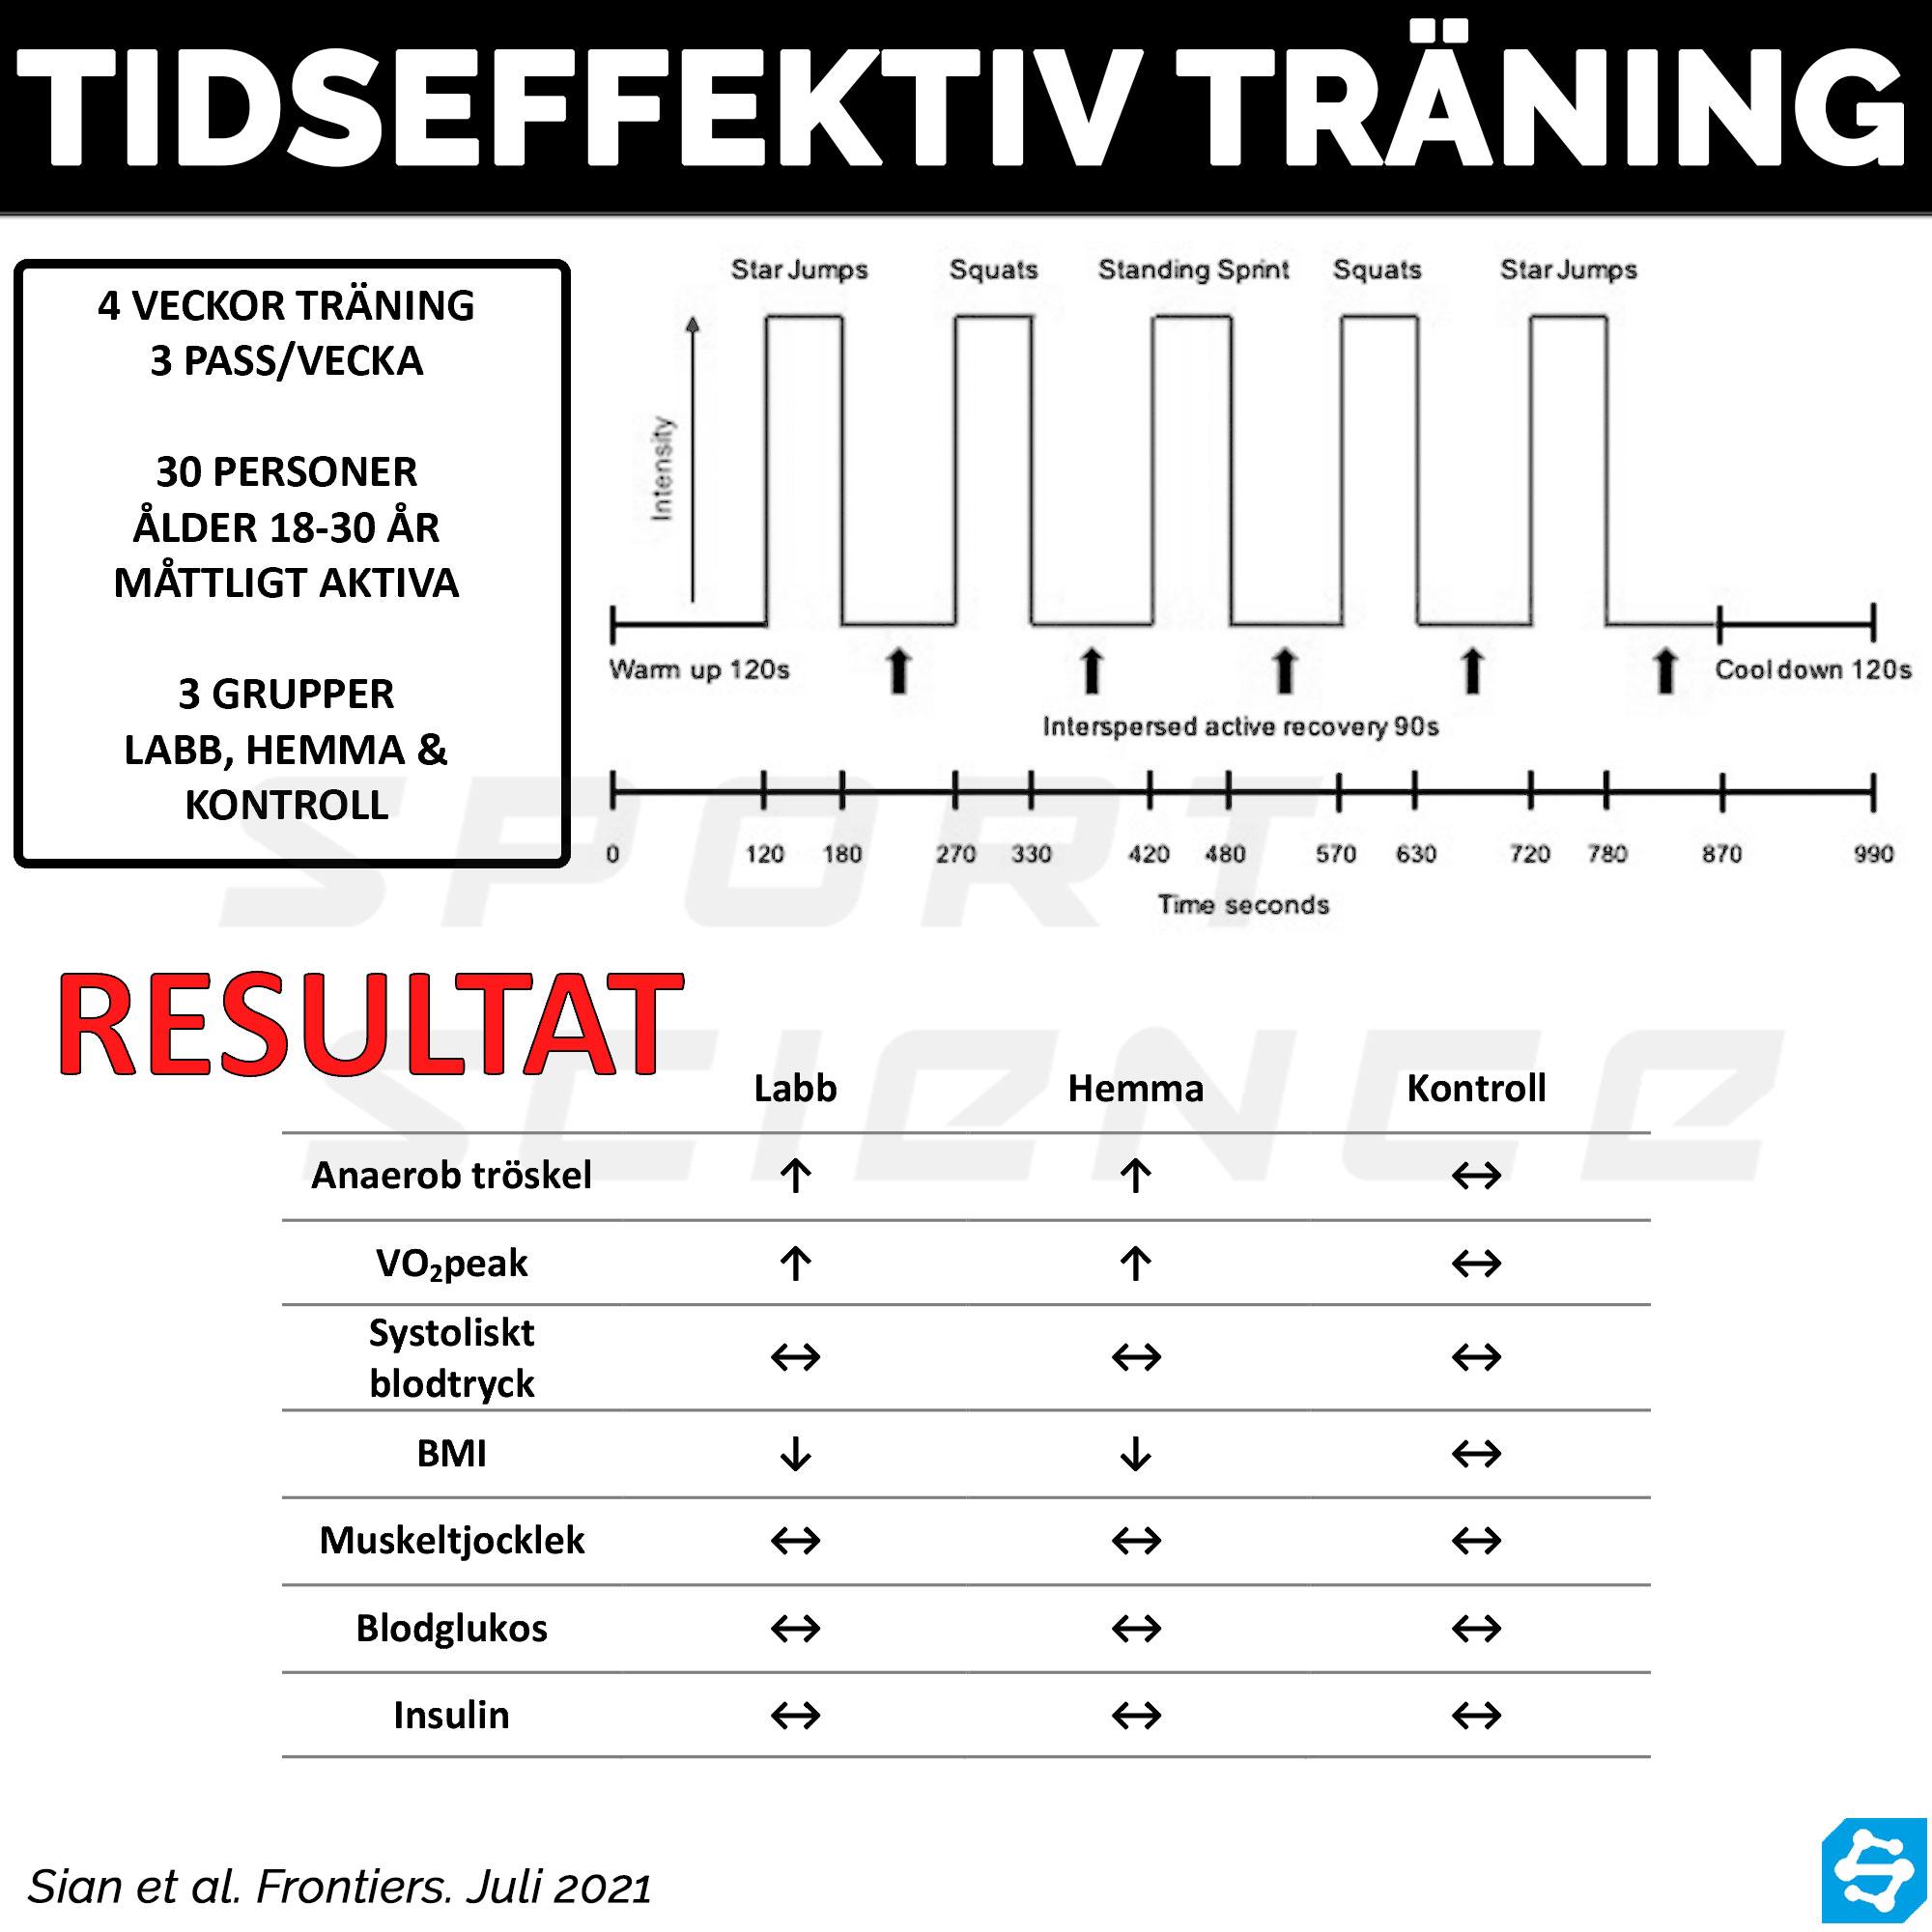 tidseffektiv träning